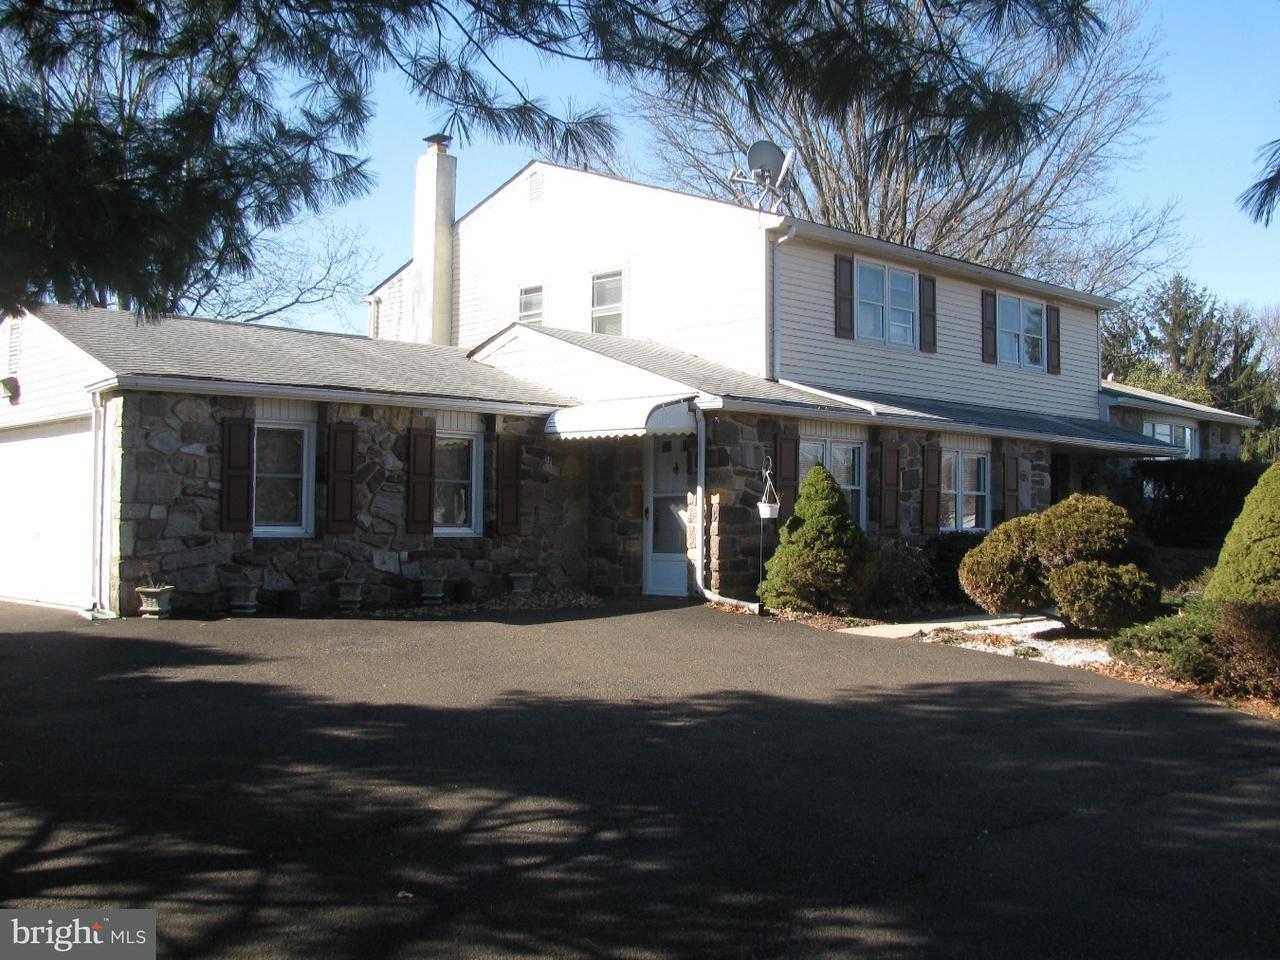 단독 가정 주택 용 매매 에 138 TANYARD Road Northampton, 펜실바니아 18954 미국